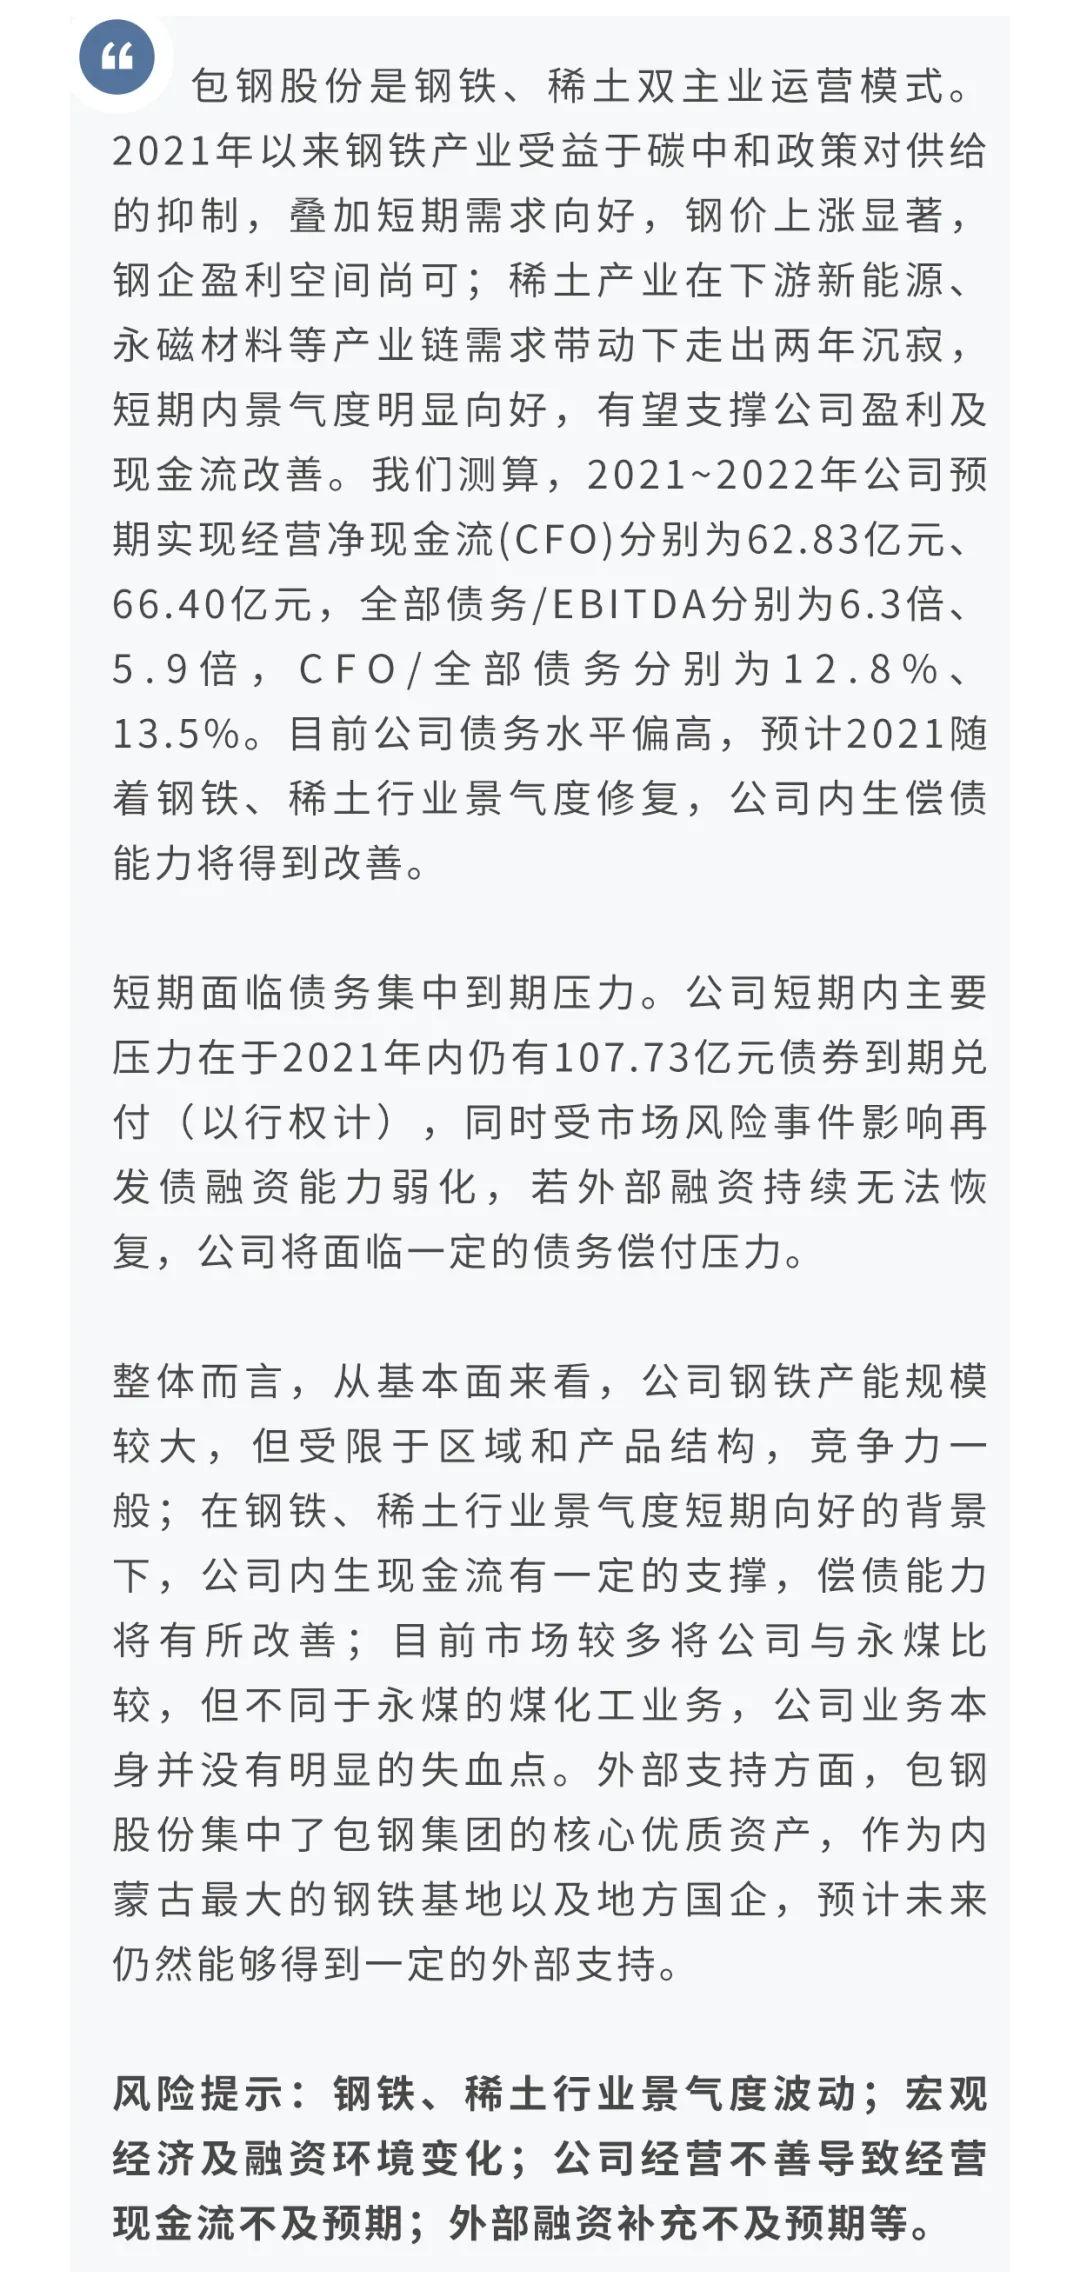 【信用】【公司研究】包钢股份:稀土精矿量价双增,债券集中兑付压力较大(2021年第2期)